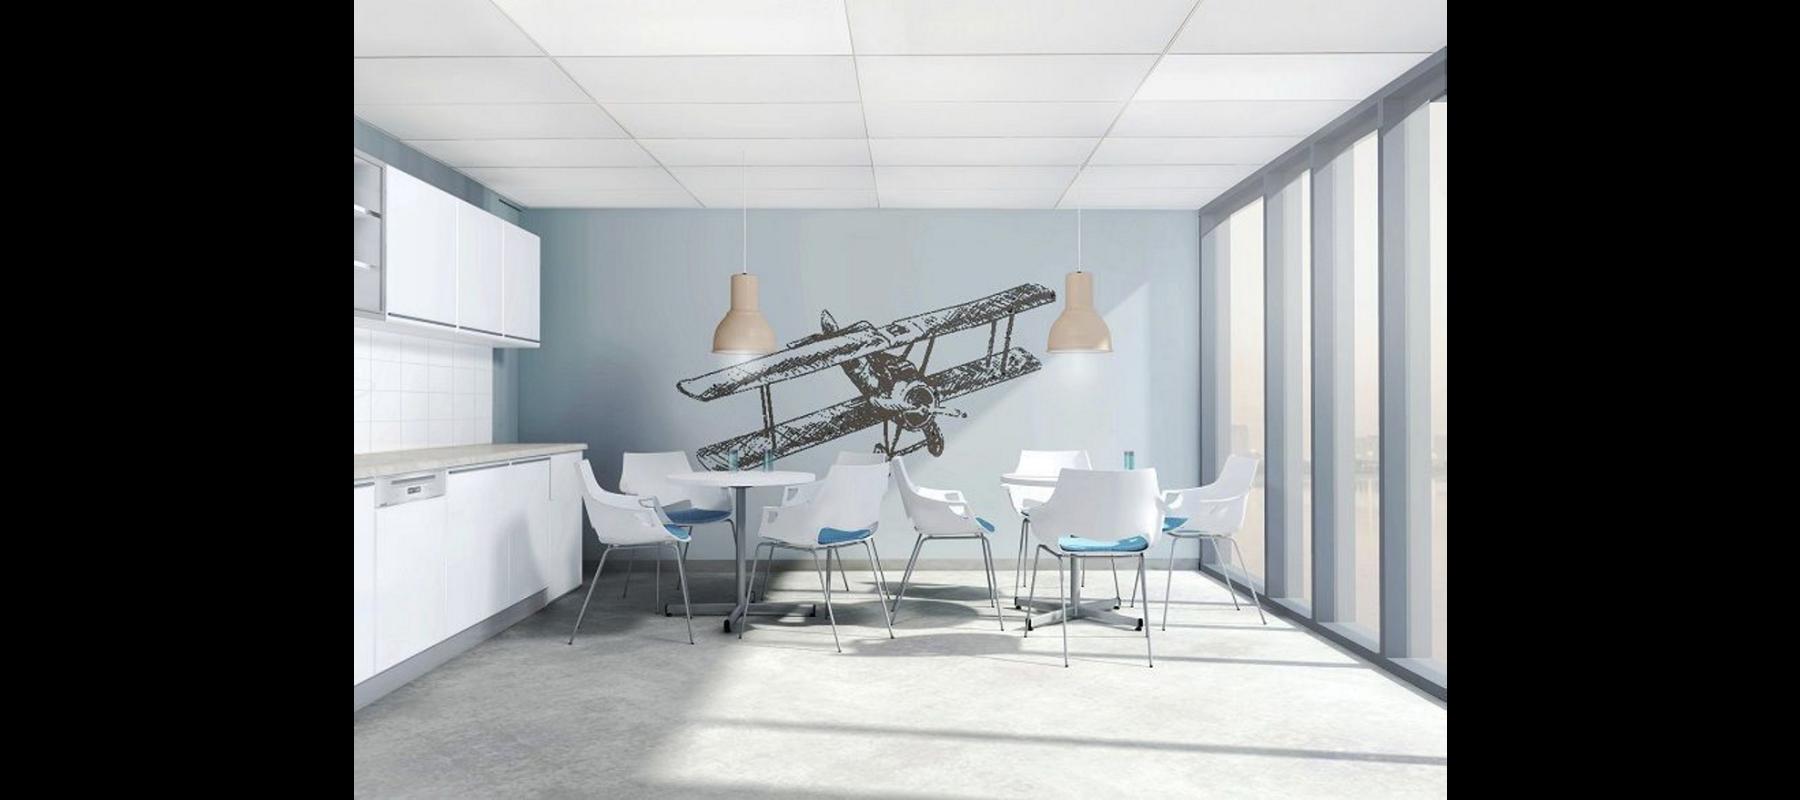 krzesła stacjonarne fano aranżacje - 02